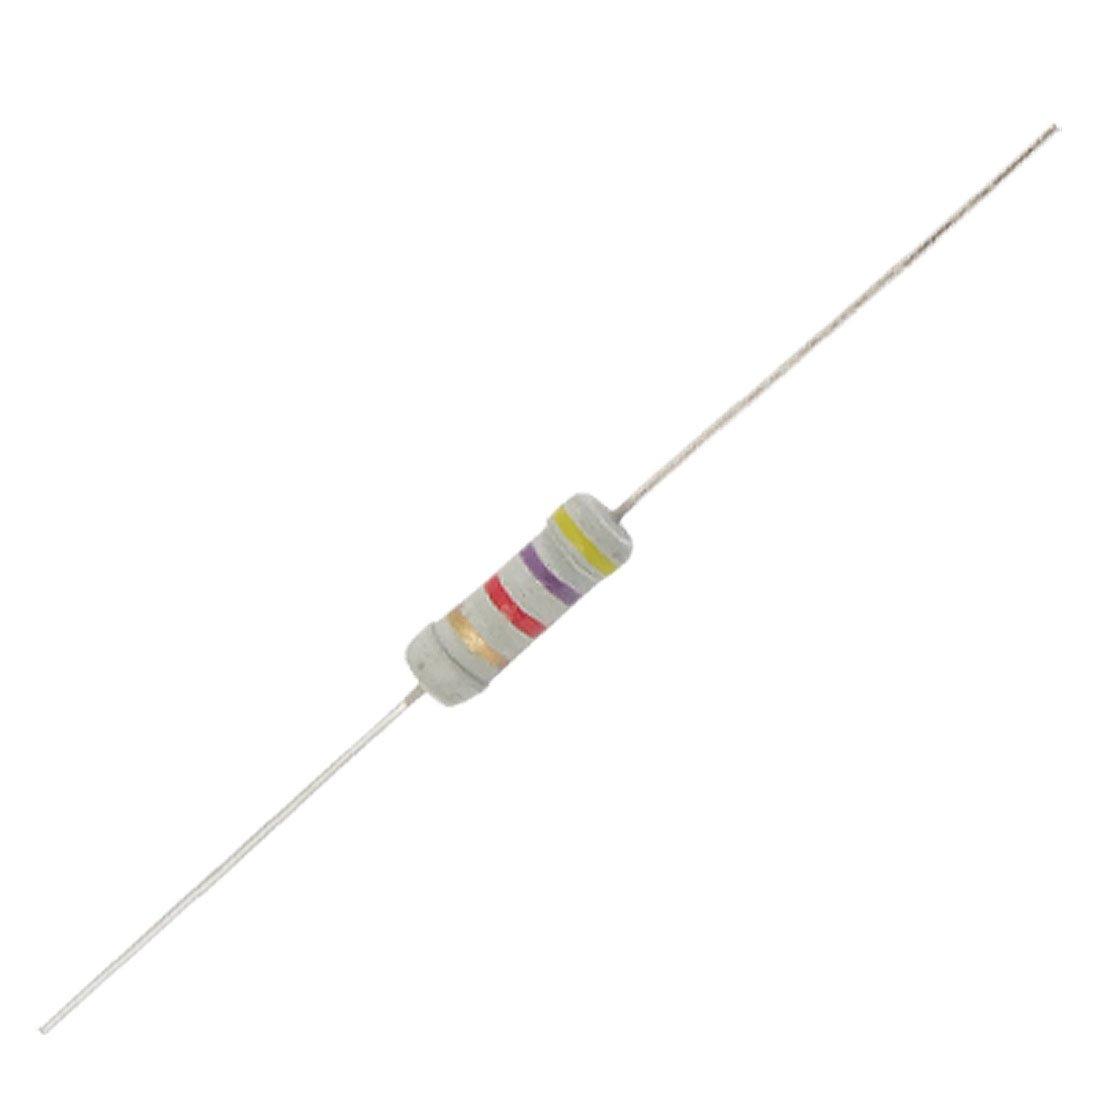 4k7 4 7k Ohms Ohm 1w 5 Carbon Film Resistors 500 Pcs